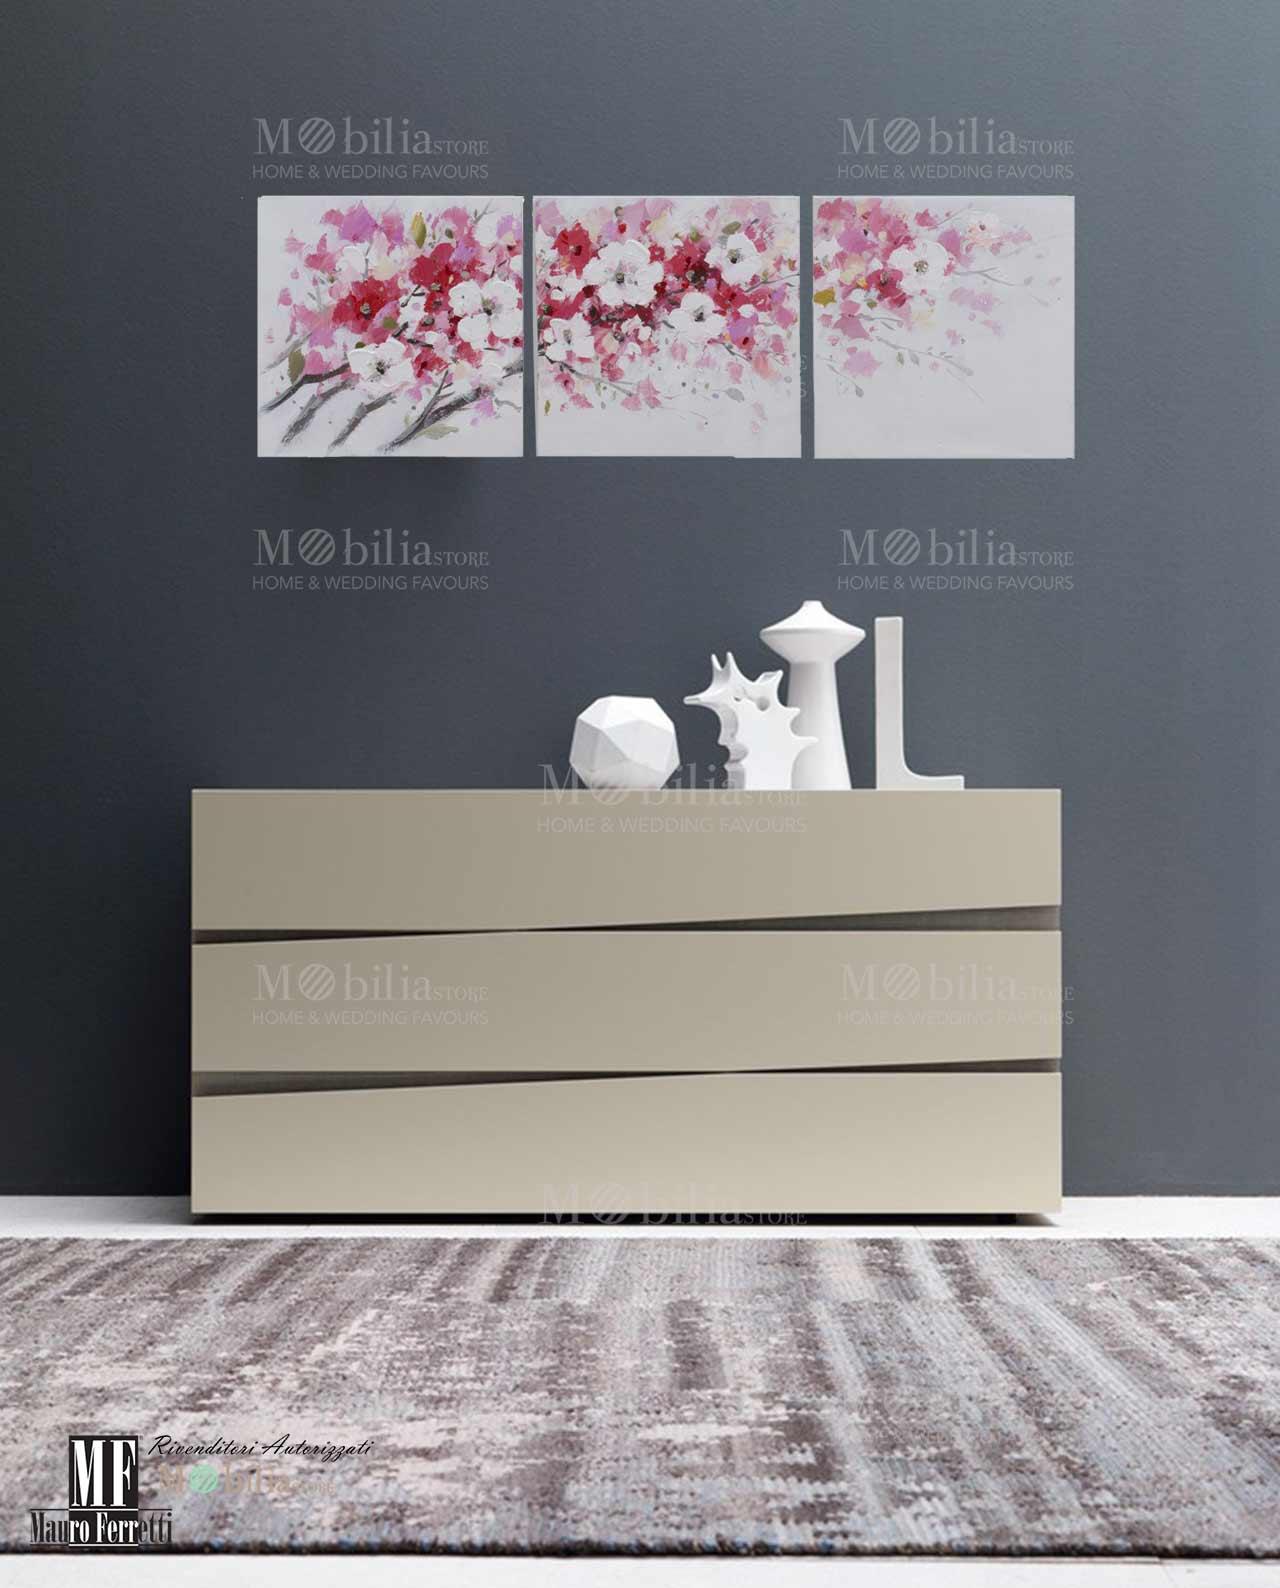 Tela con fiori a 3 pannelli - Mobilia Store Home & Favours